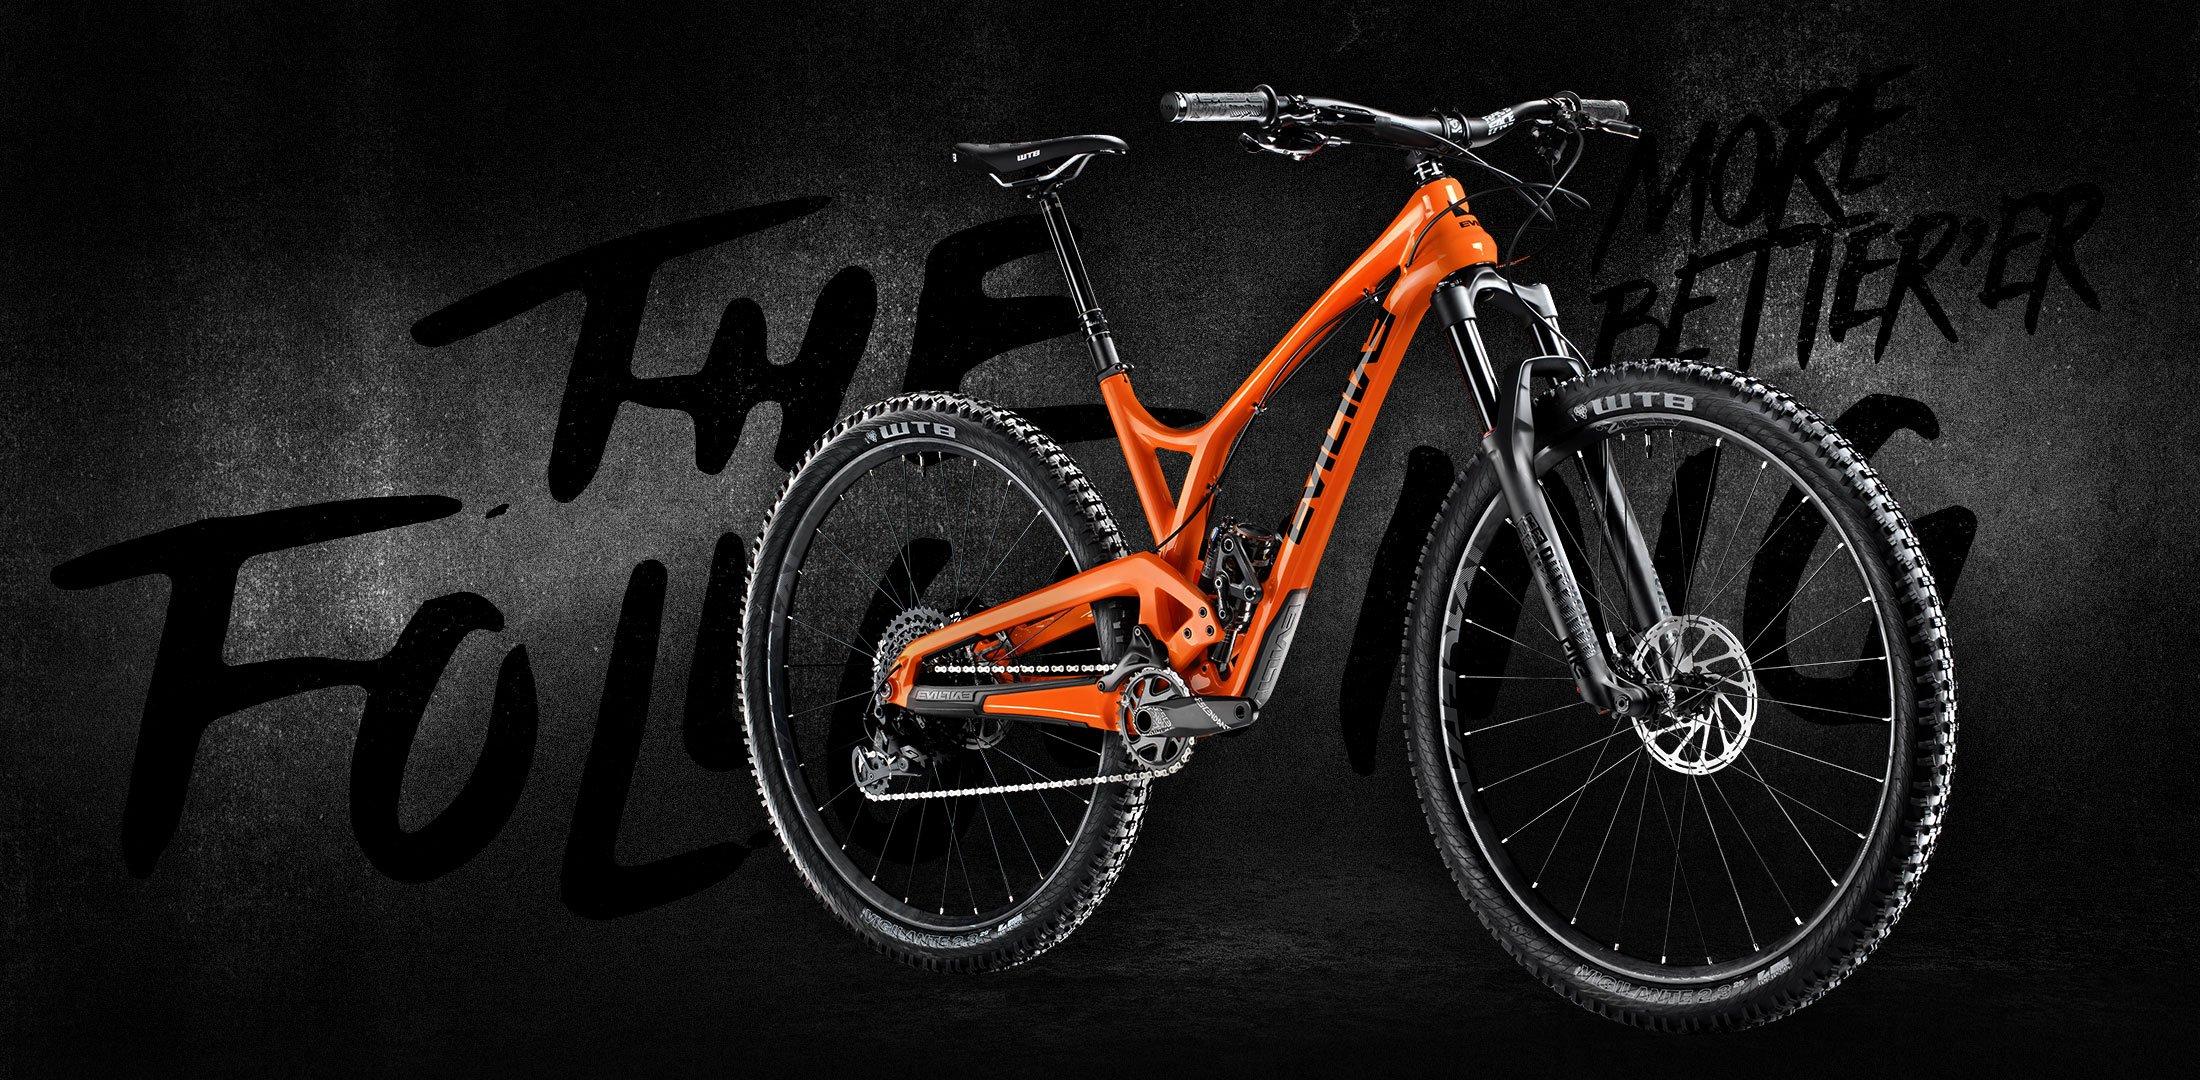 evil-following-mb-bike-hero-2200x1080.jpg